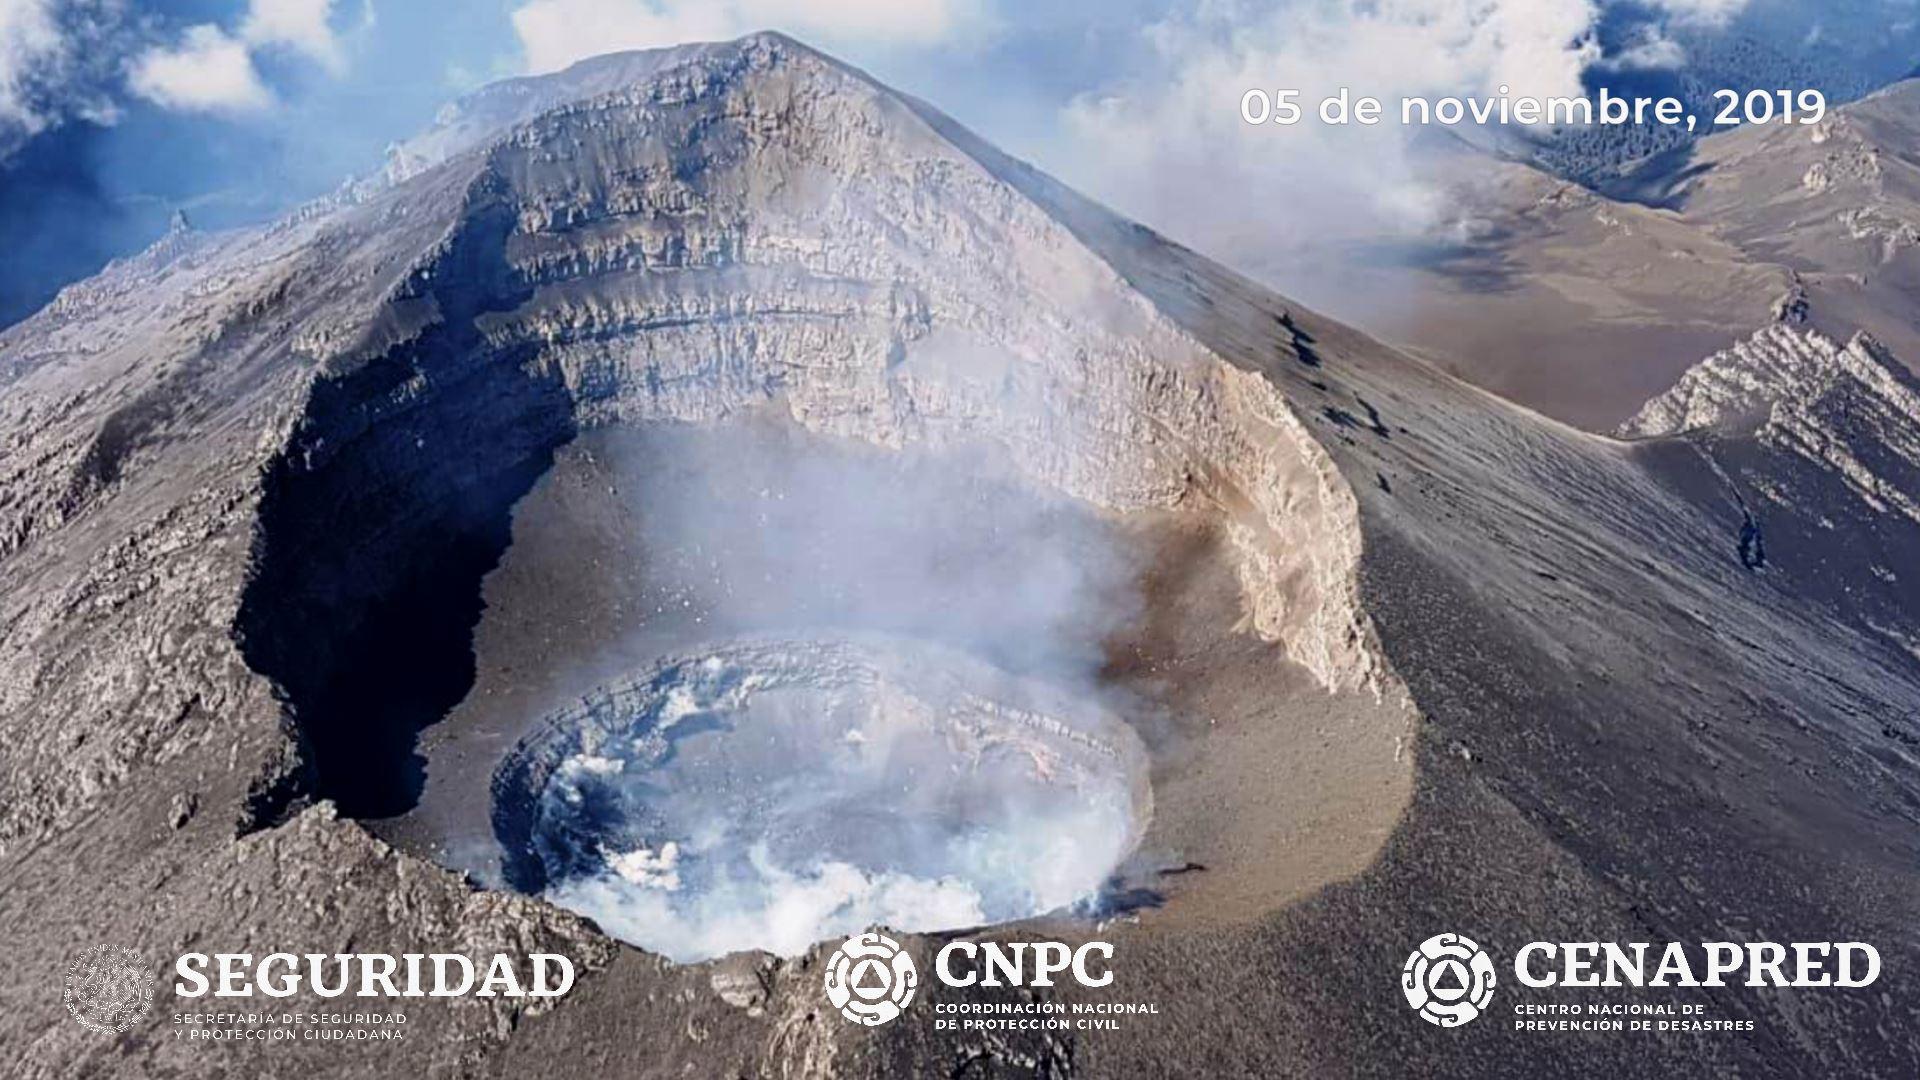 El día 5 de noviembre, con el apoyo de la Guardia Nacional, se realizó un sobrevuelo de reconocimiento al cráter del volcán Popocatépetl. Durante dicho sobrevuelo, especialistas del Centro Nacional de Prevención de Desastres (CENAPRED).